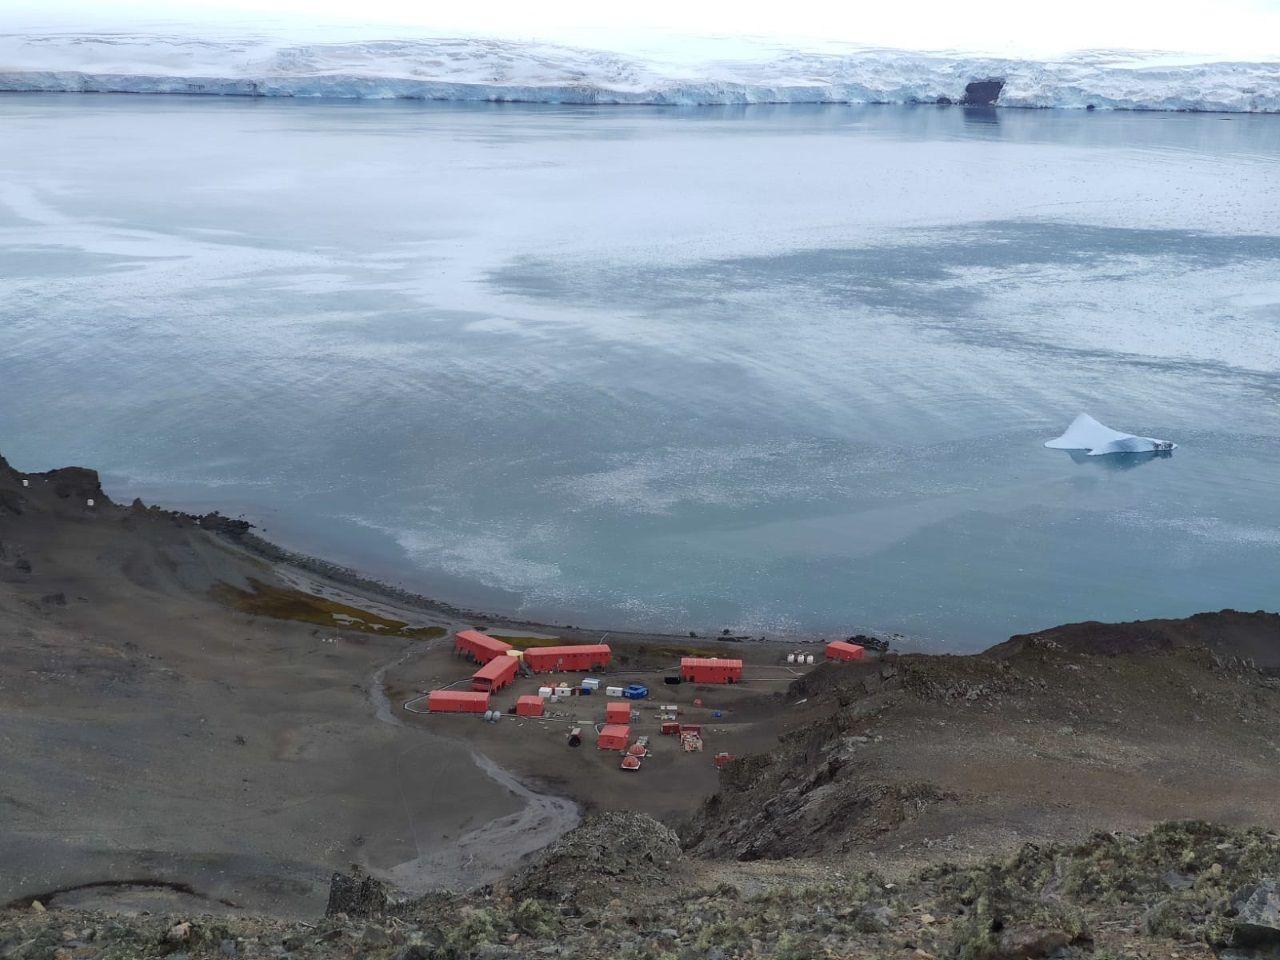 Los restos del San Telmo se encuentran frente a la costa de la isla Livingston, donde está alojada la base antártica Juan Carlos I